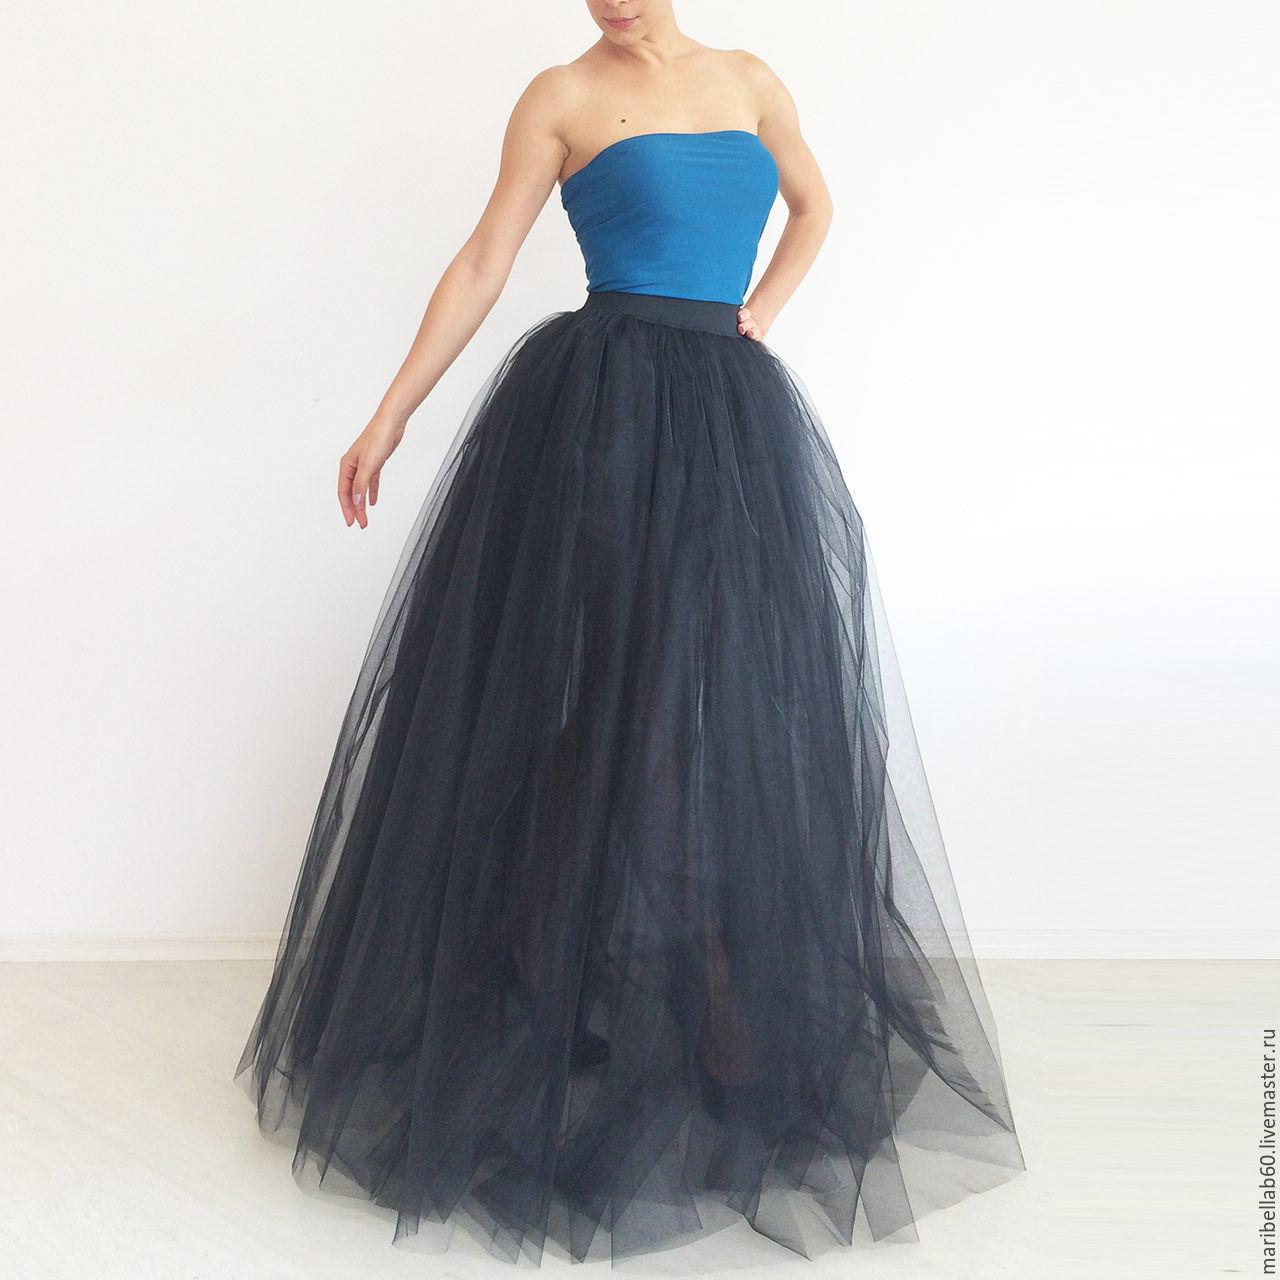 Длинная юбки из фатина фото 81